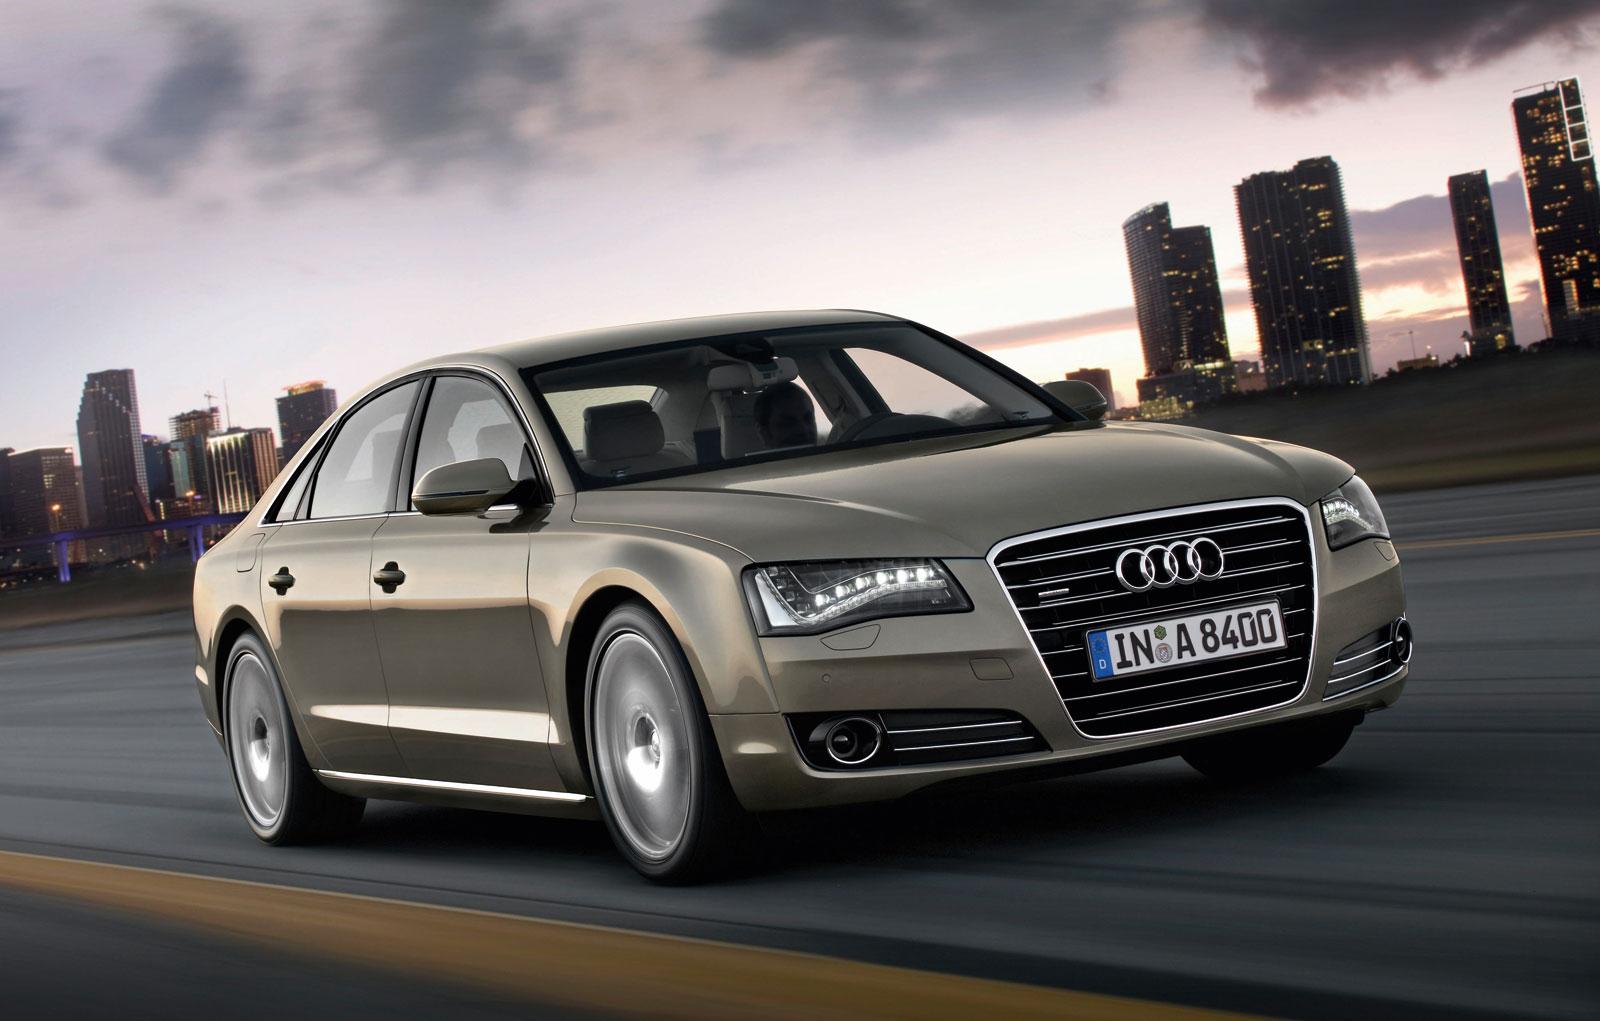 http://2.bp.blogspot.com/-cUiXqncExmM/T-Ce2V-fq4I/AAAAAAAADng/xDRSIjVe3cU/s1600/Audi+A8+hd+Wallpapers+2011_.jpg